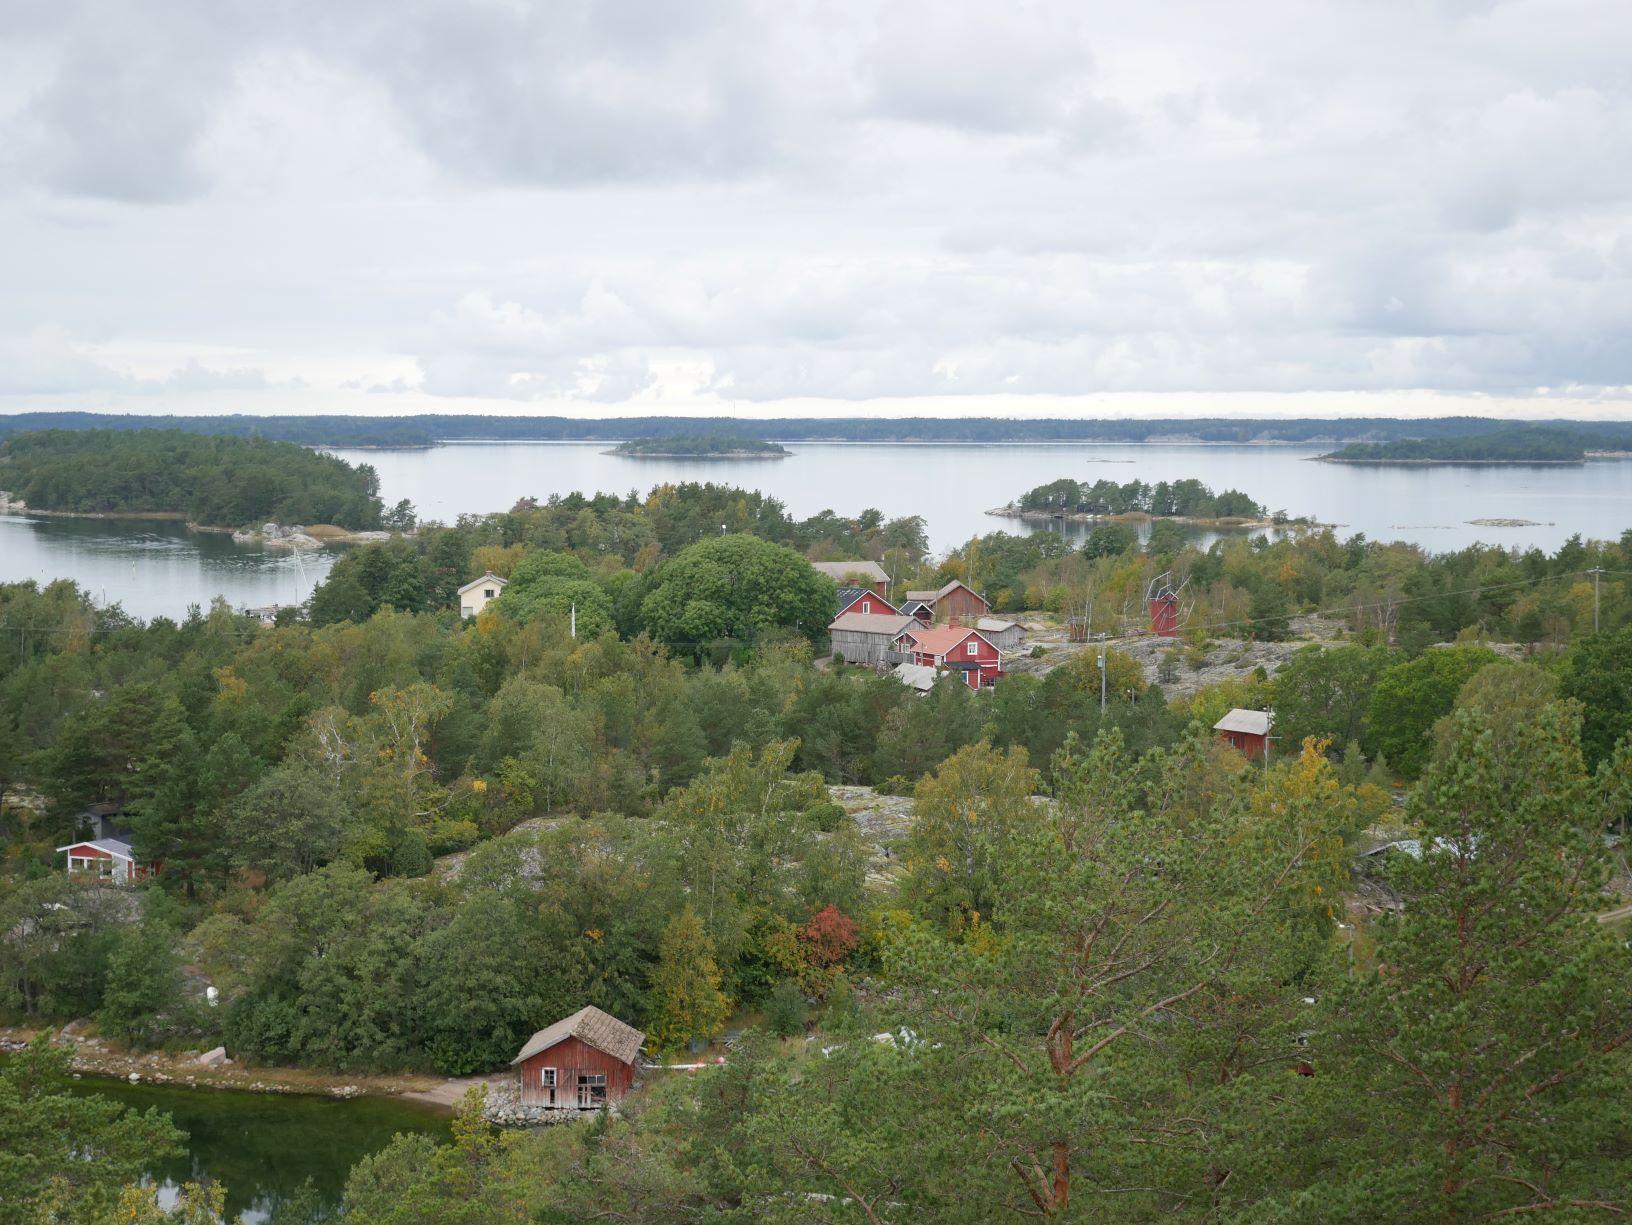 En ö med hus uppifrån